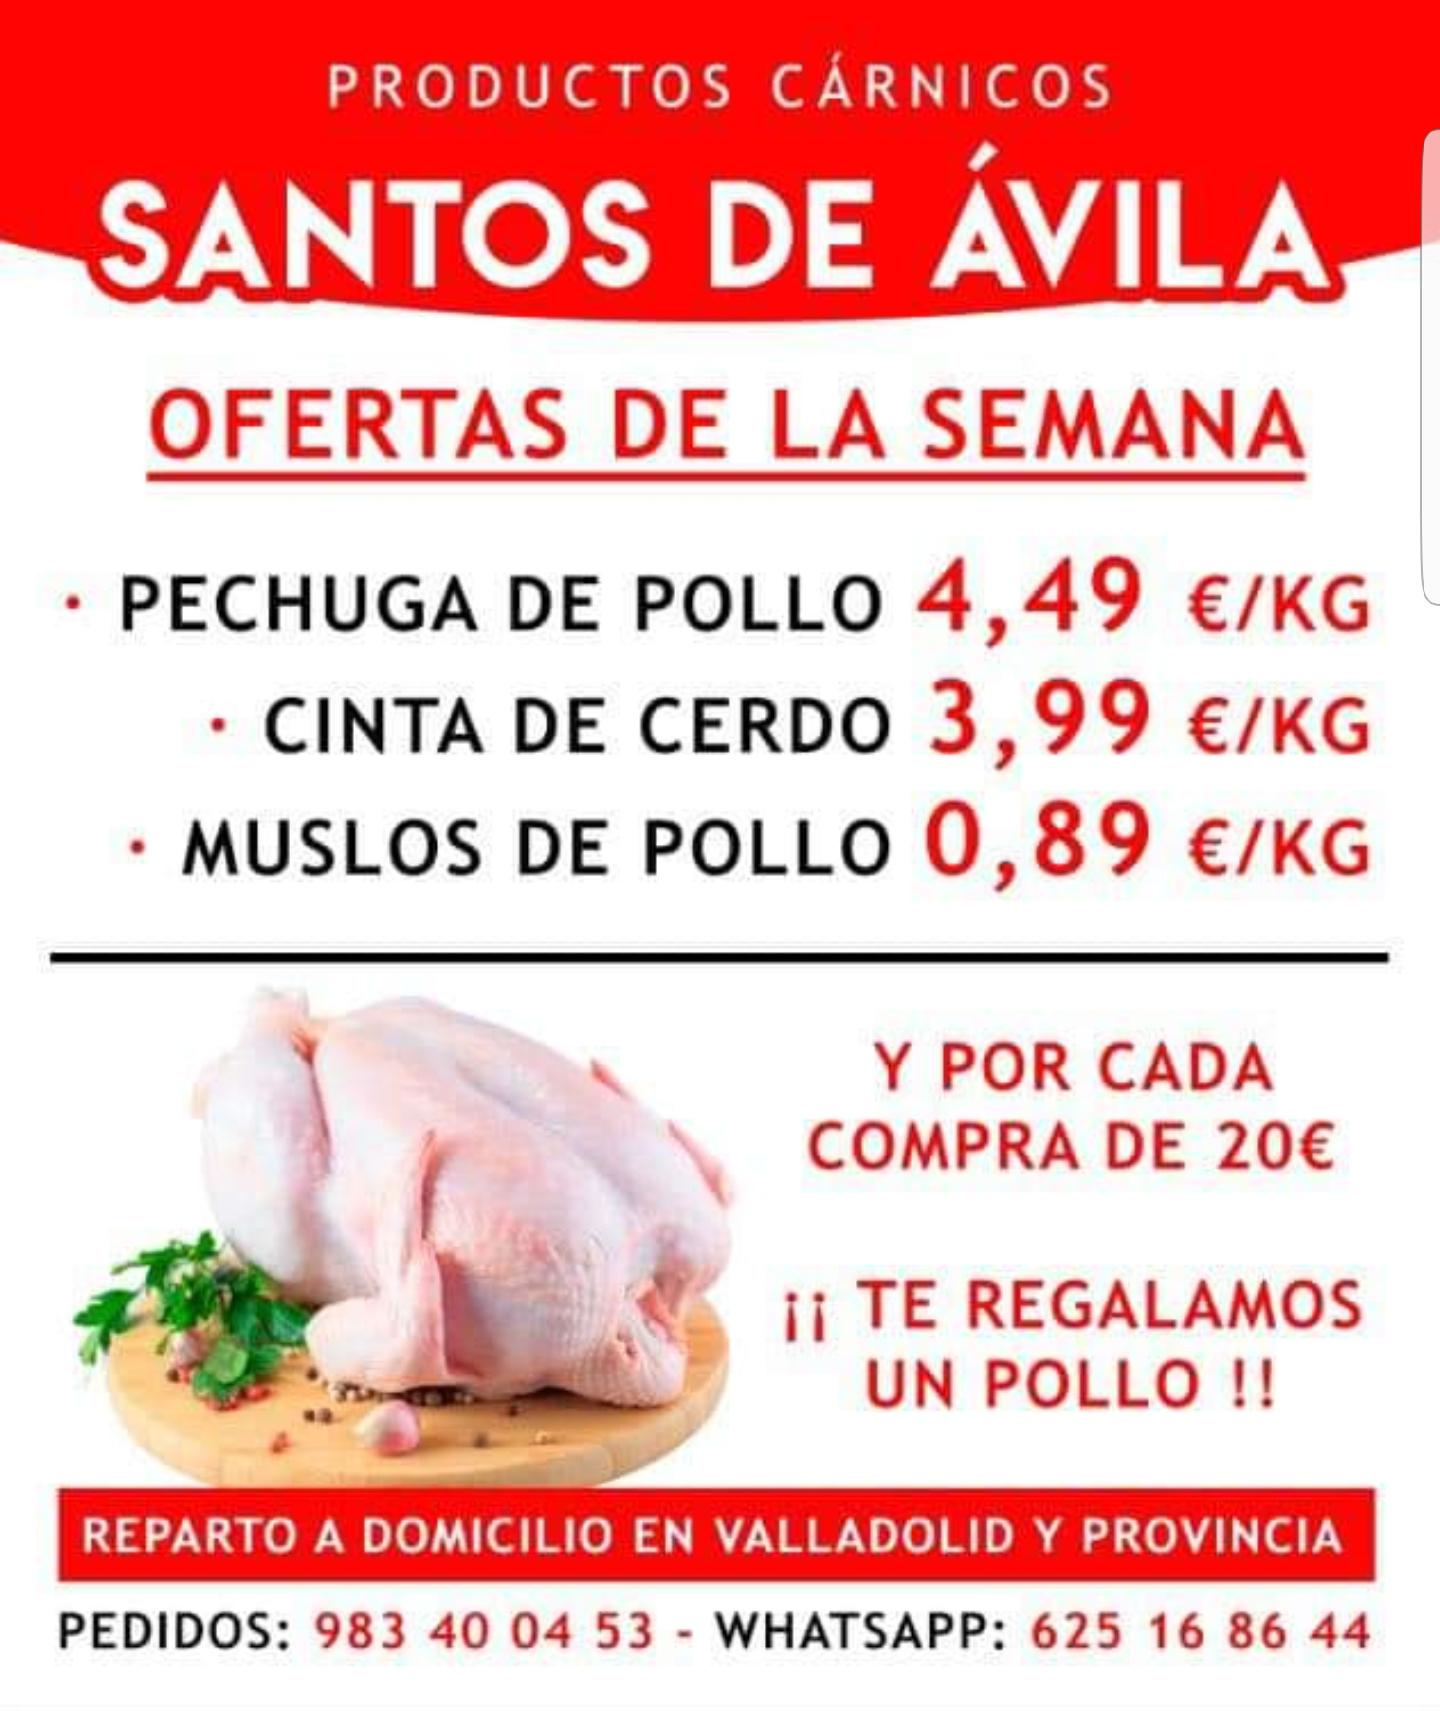 Muslos de pollo 0.89€ Kg y más...